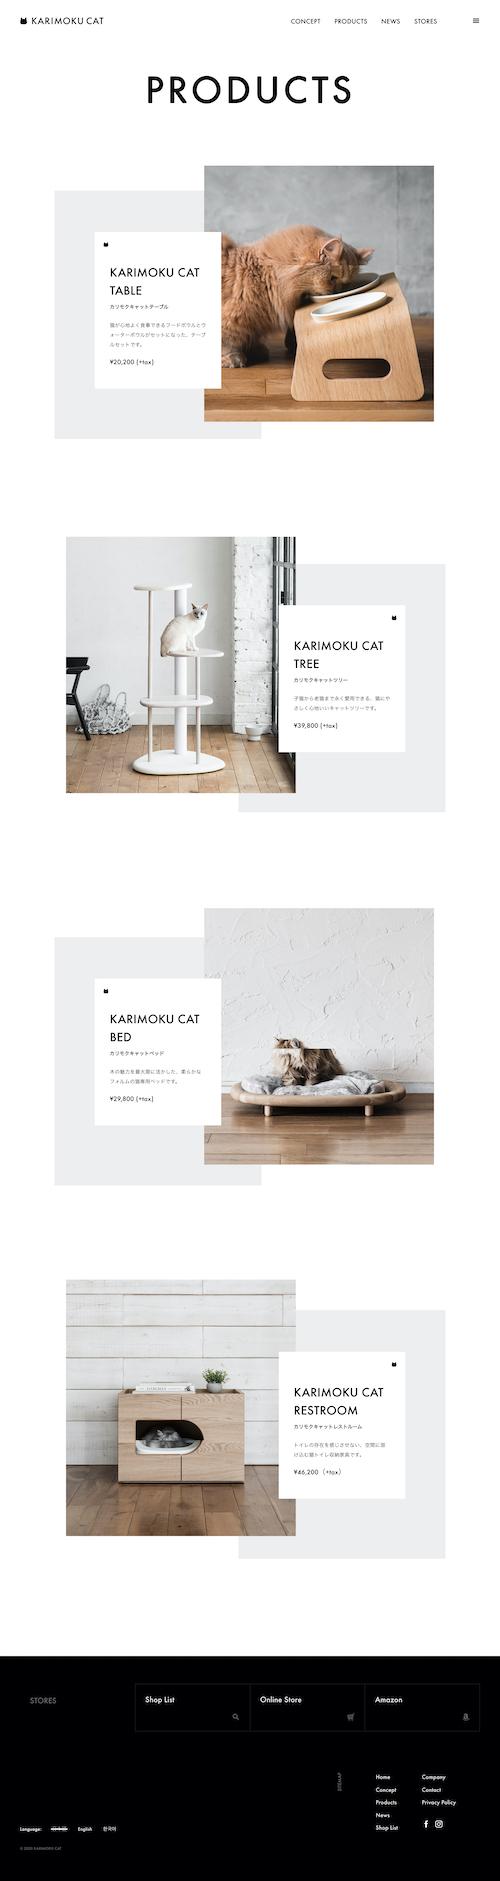 karimoku-cat-products